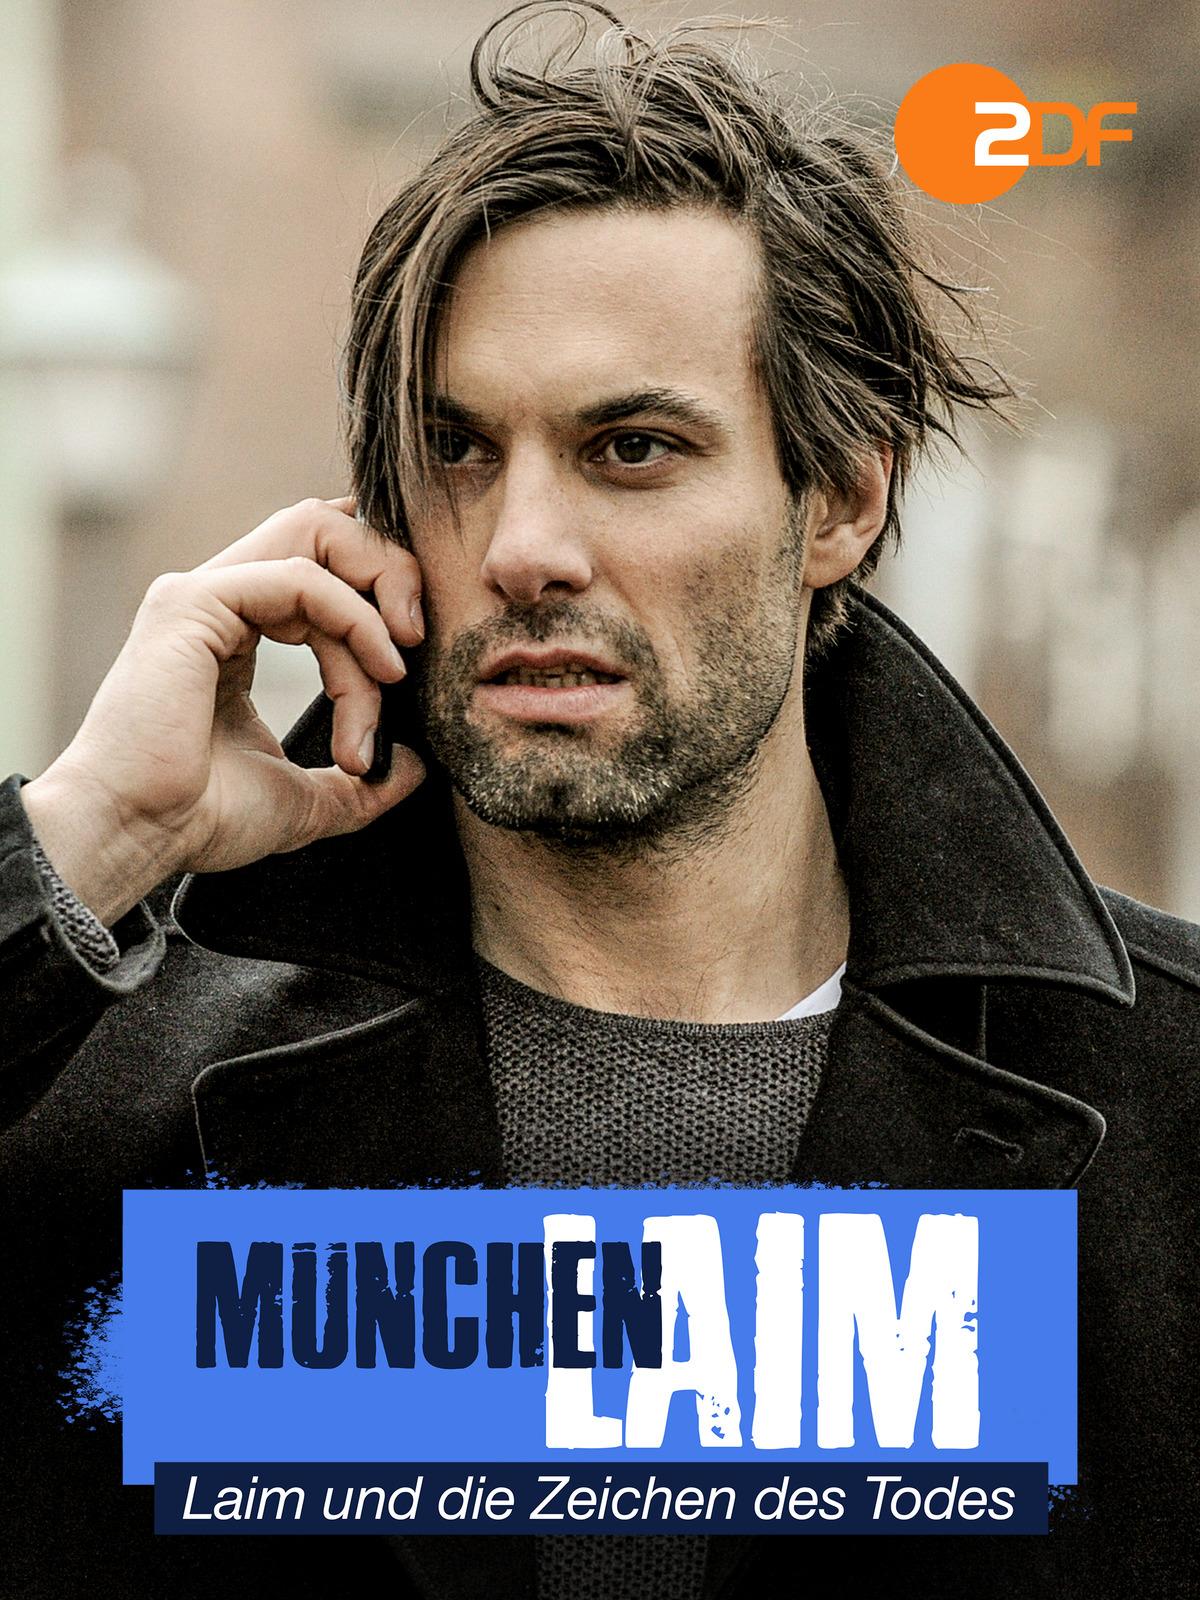 München Laim - Laim und die Zeichen des Todes